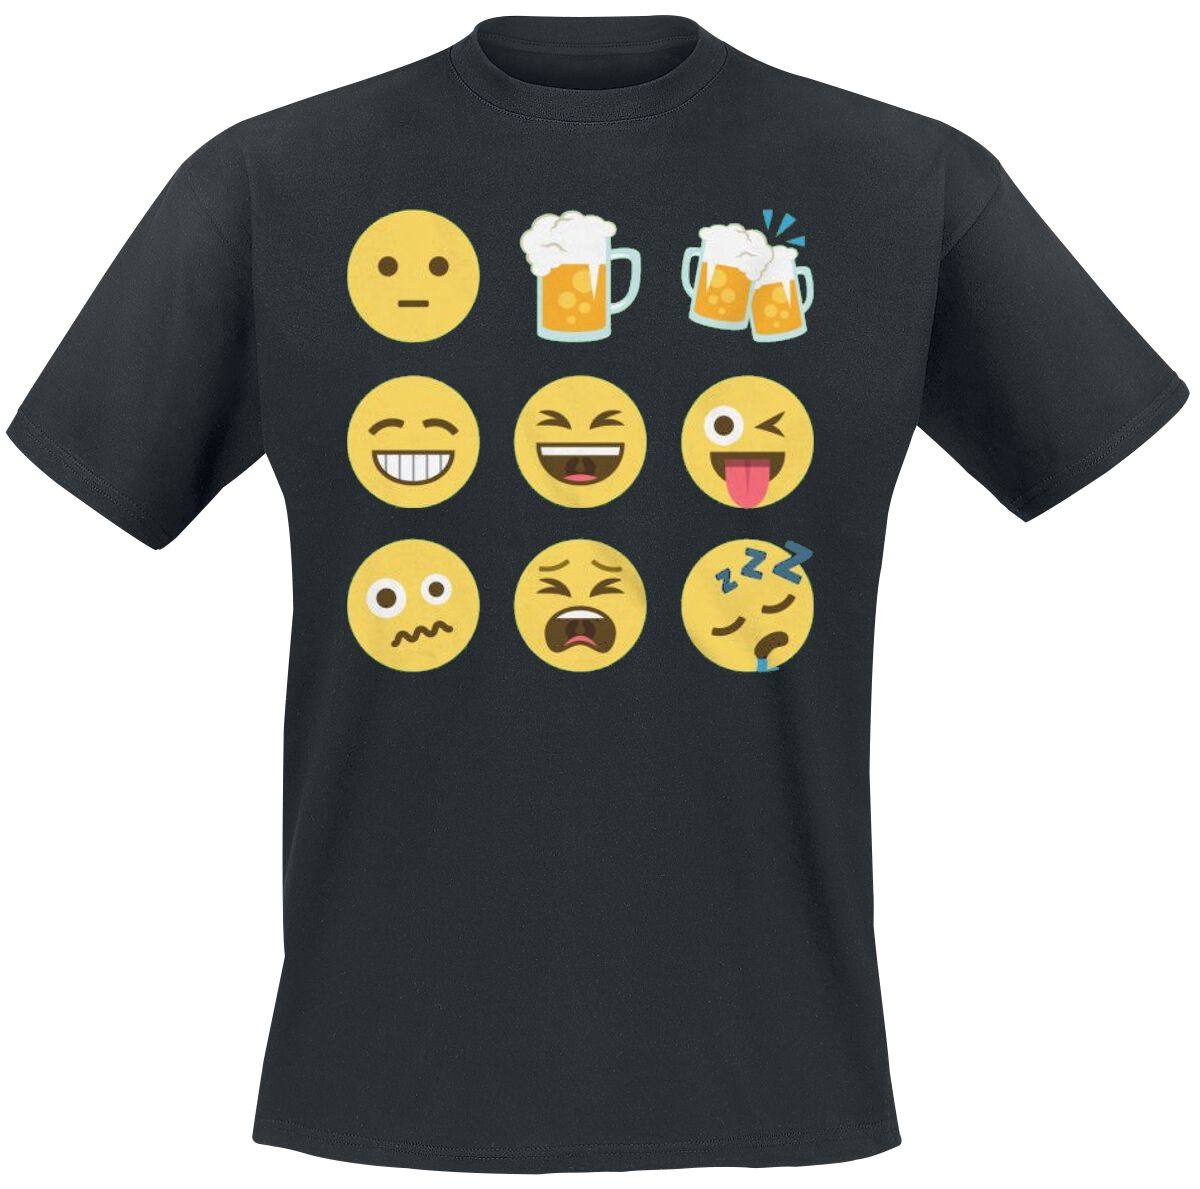 Fun Shirts - Koszulki - T-Shirt Emoji One Faces T-Shirt czarny - 356250